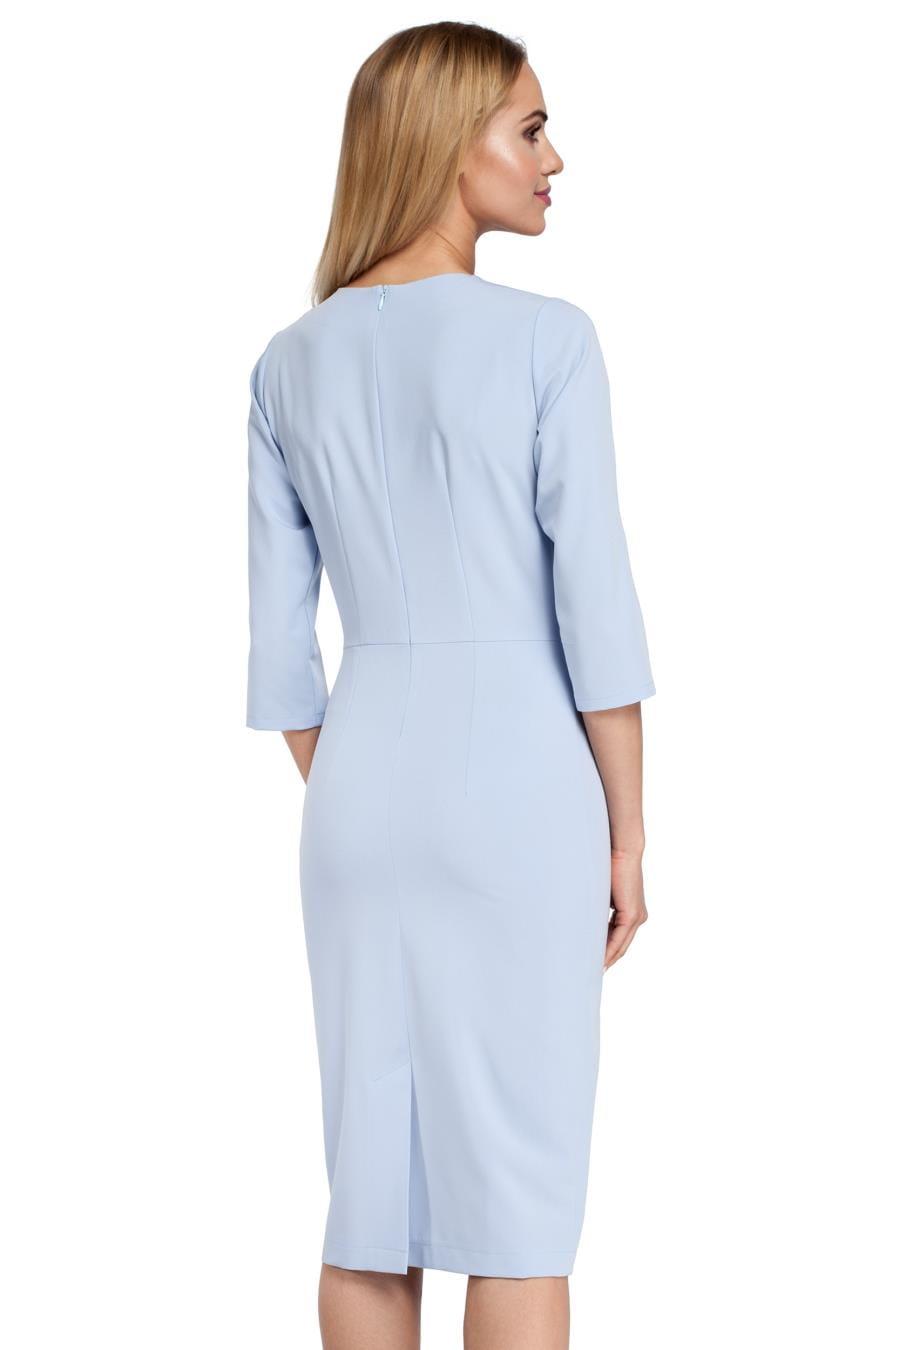 af3f52e2 Klasyczna Ołówkowa Sukienka Błękitna MO297